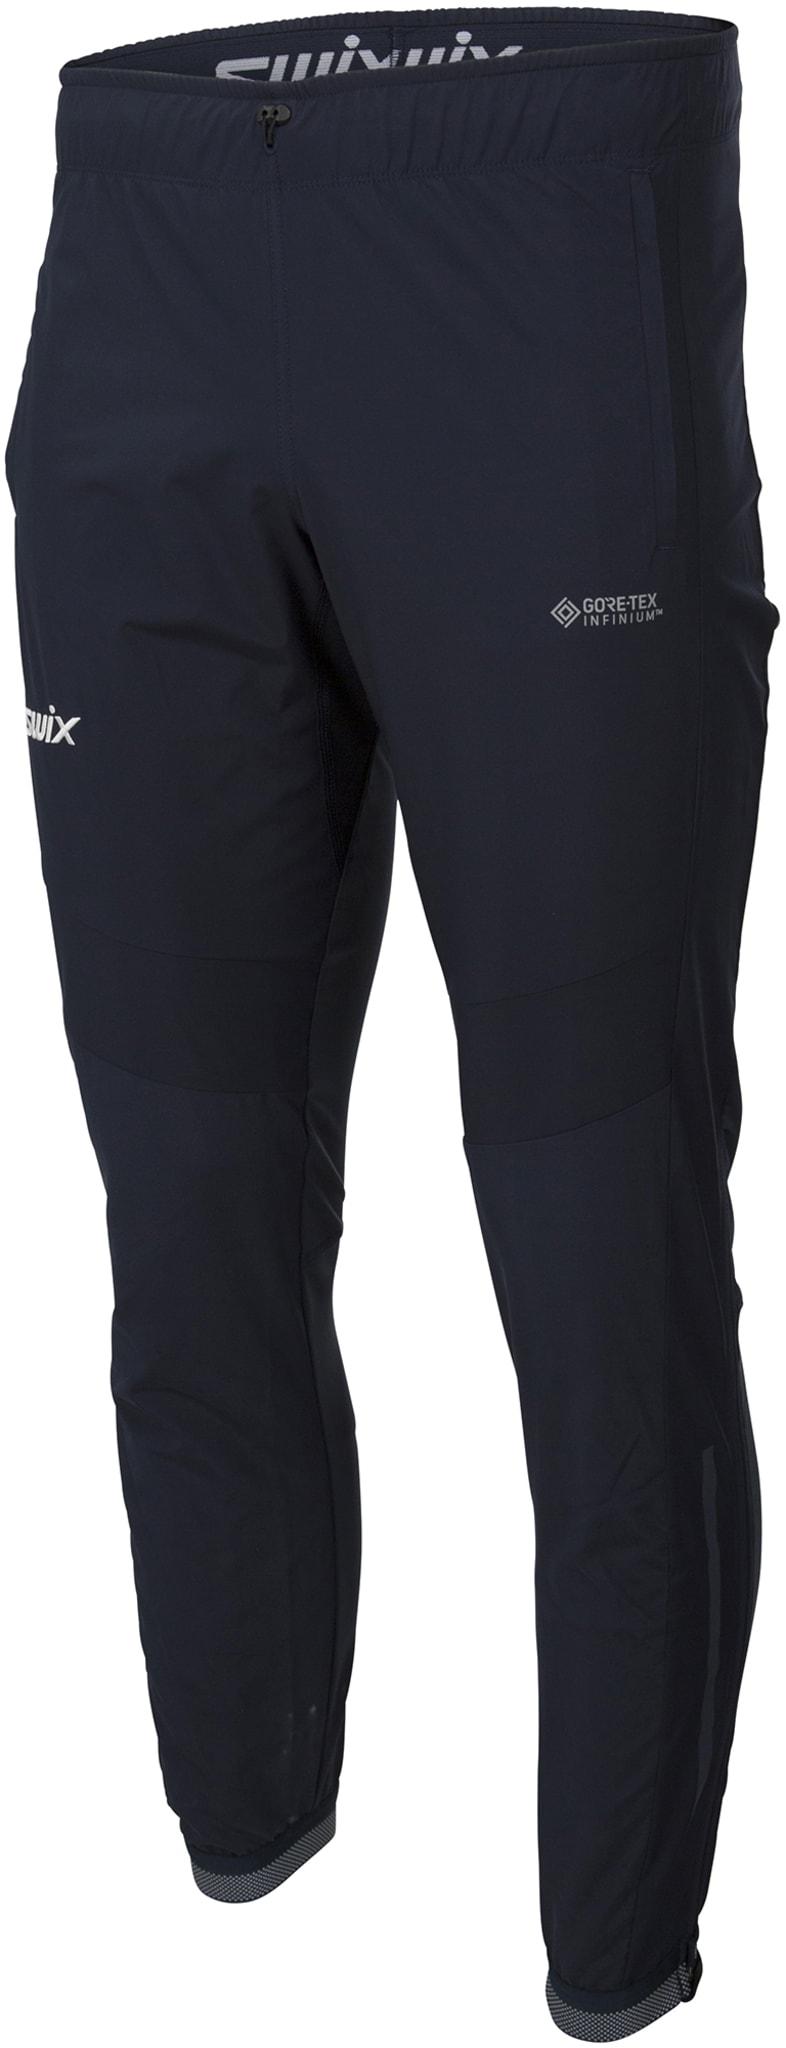 Evolution Gore-Tex Infinium Pants M